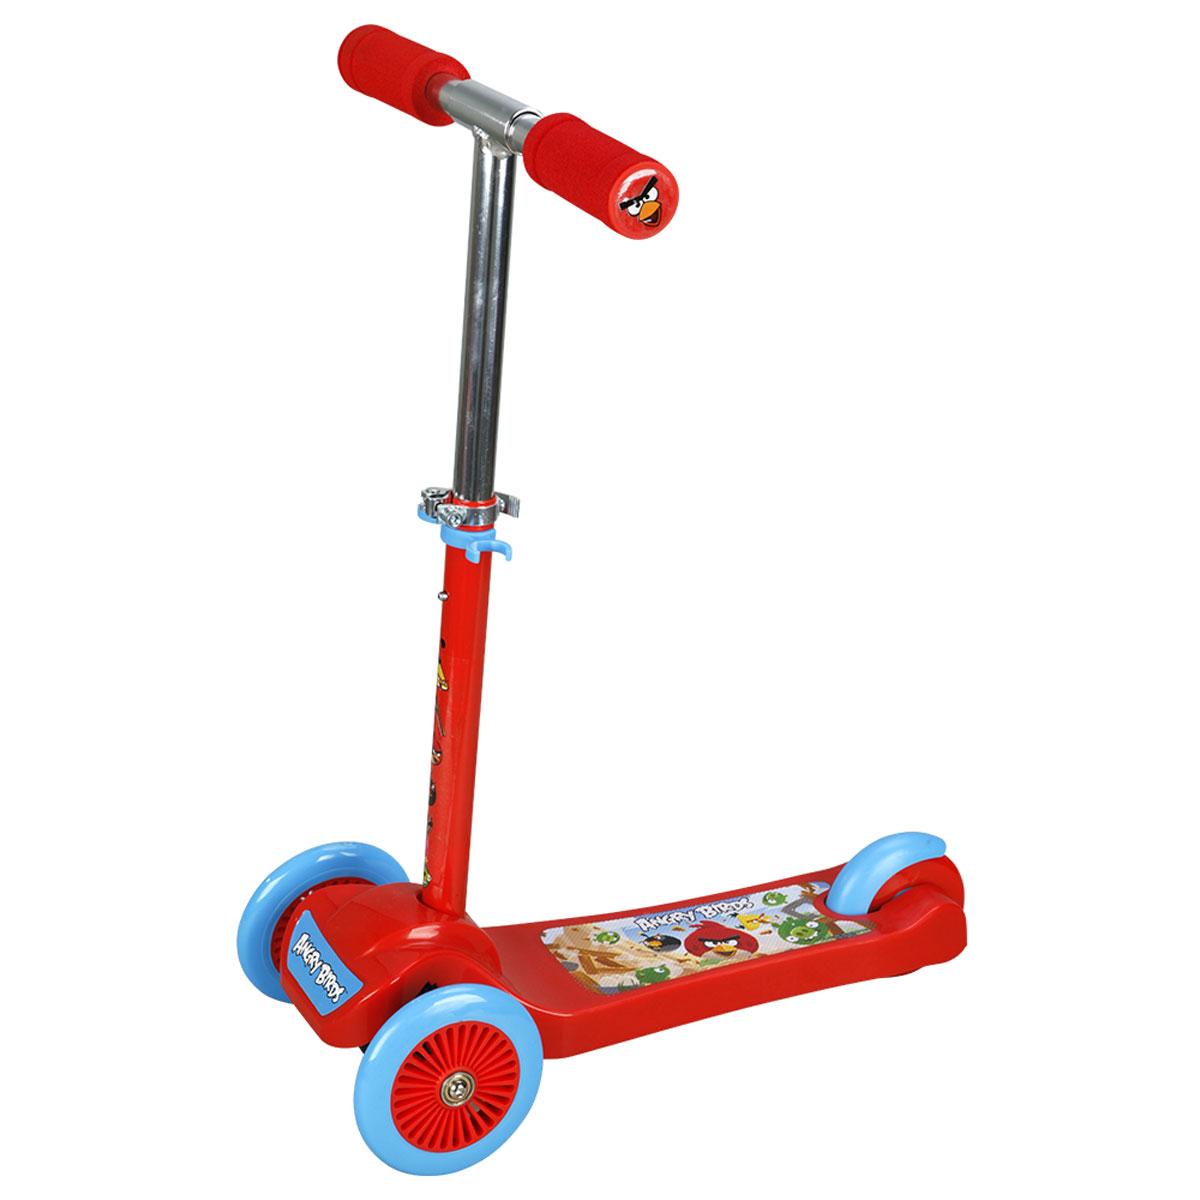 1TOY Самокат детский трехколесный Angry Birds цвет красныйТ57625Самокат 1toy Angry Birds 3-х колесный. Управление наклоном, PVC колеса, передние 2х120мм, заднее 100мм, алюминевый реулируемый руль, нейлон/пластик рама, тормоз